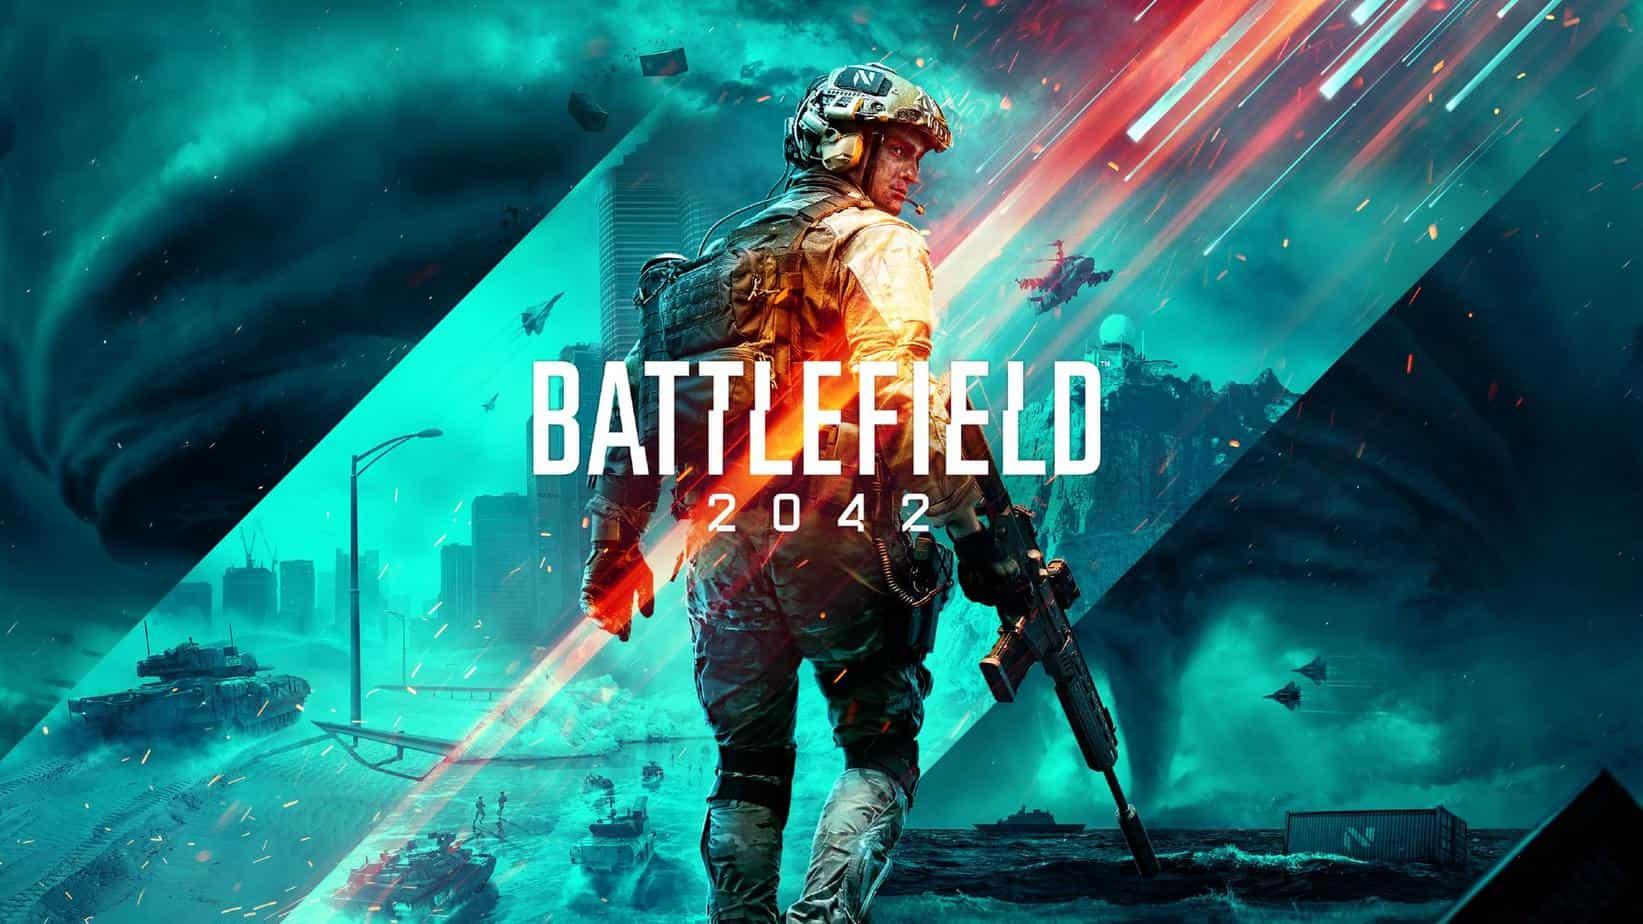 La sortie de Battlefield 2042 est repoussé pour le mois de novembre